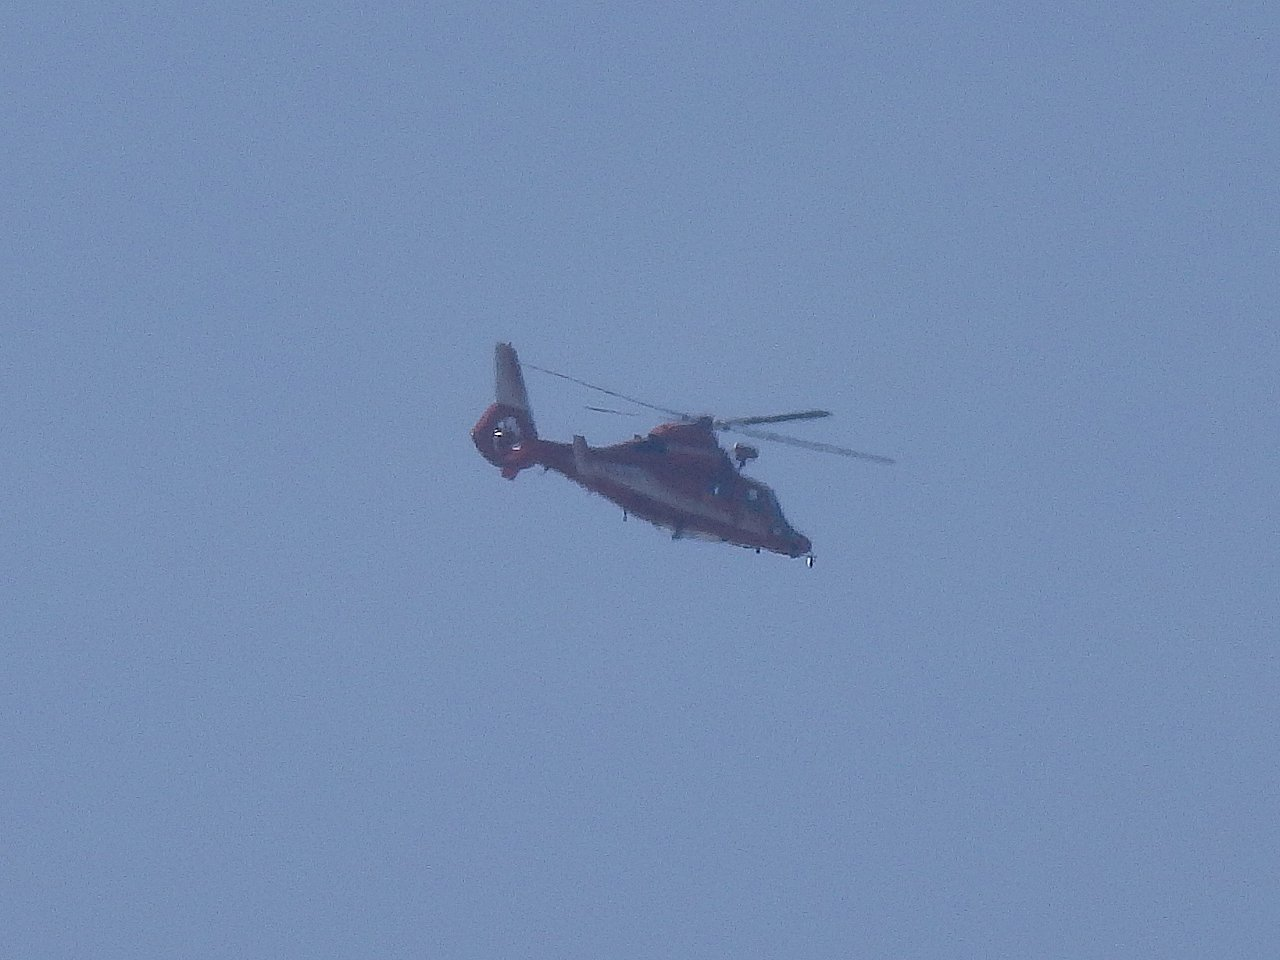 消防のジェットヘリです。